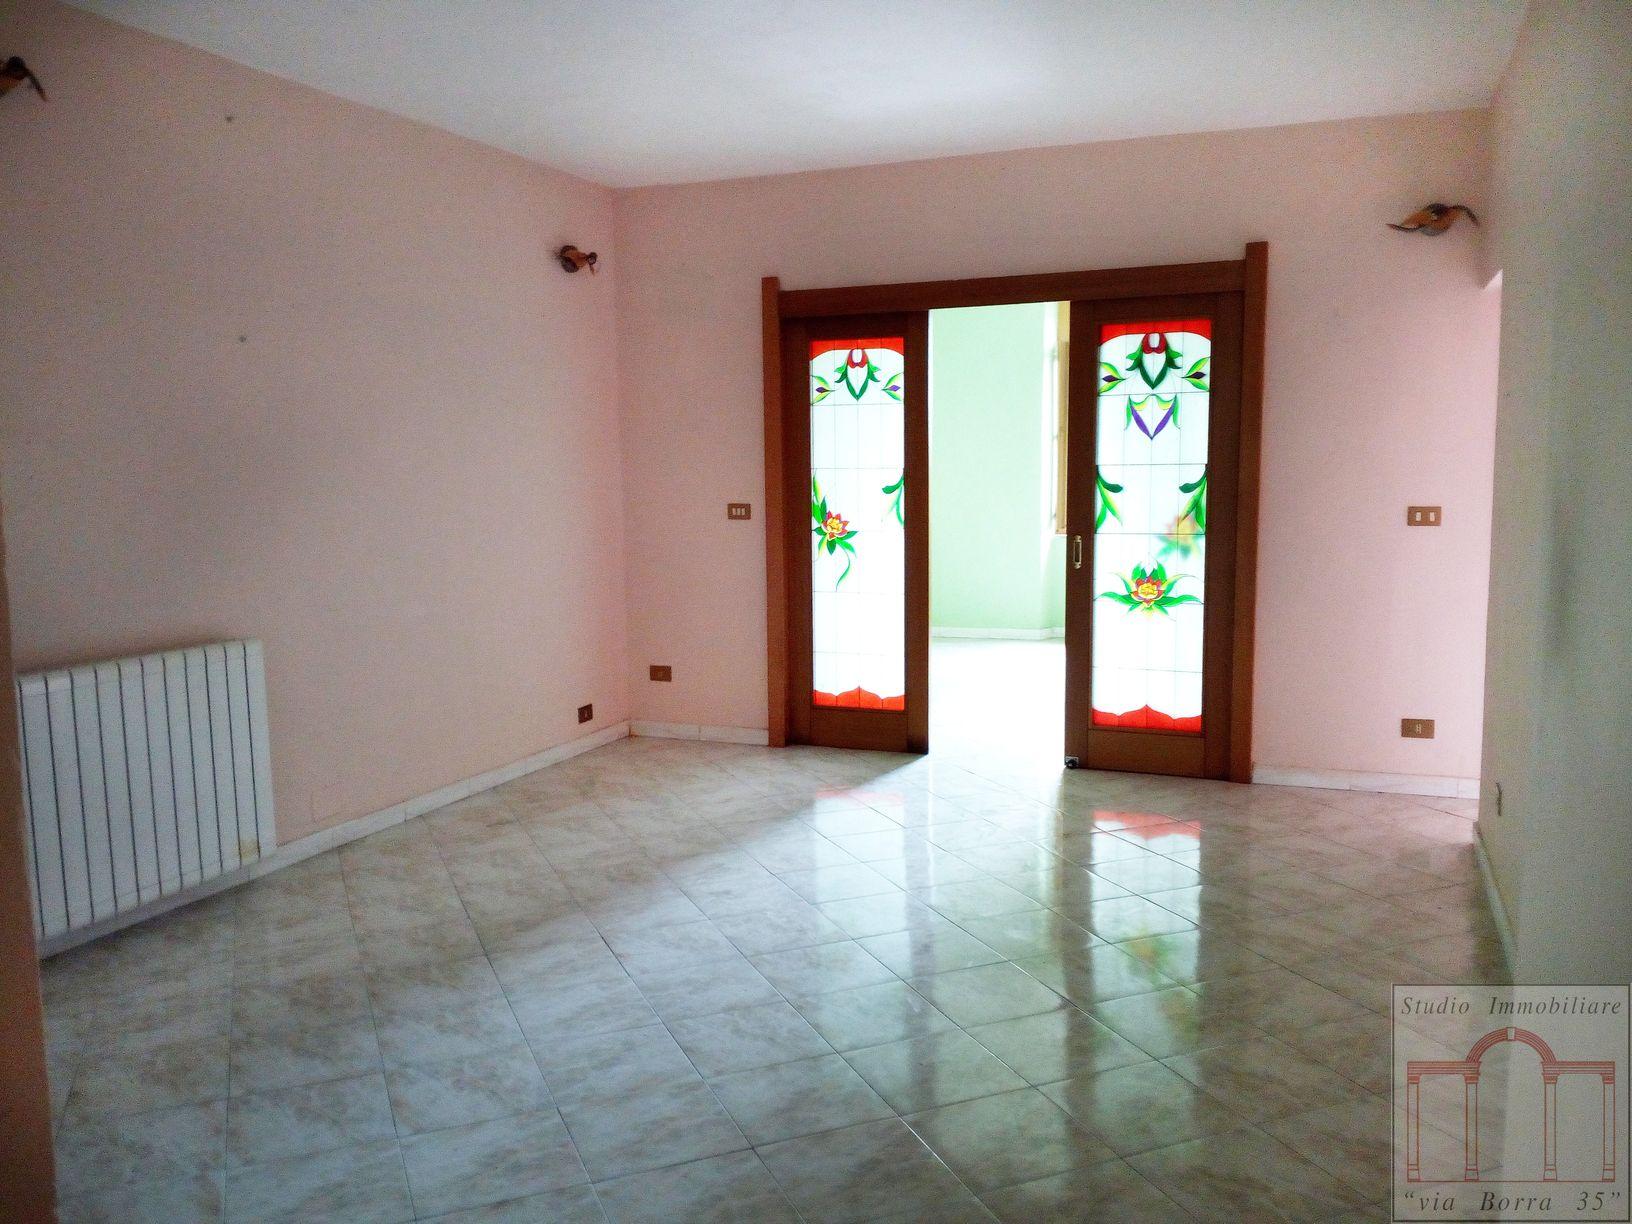 Appartamento in vendita a Livorno, 4 locali, zona Zona: Centro, prezzo € 80.000 | CambioCasa.it